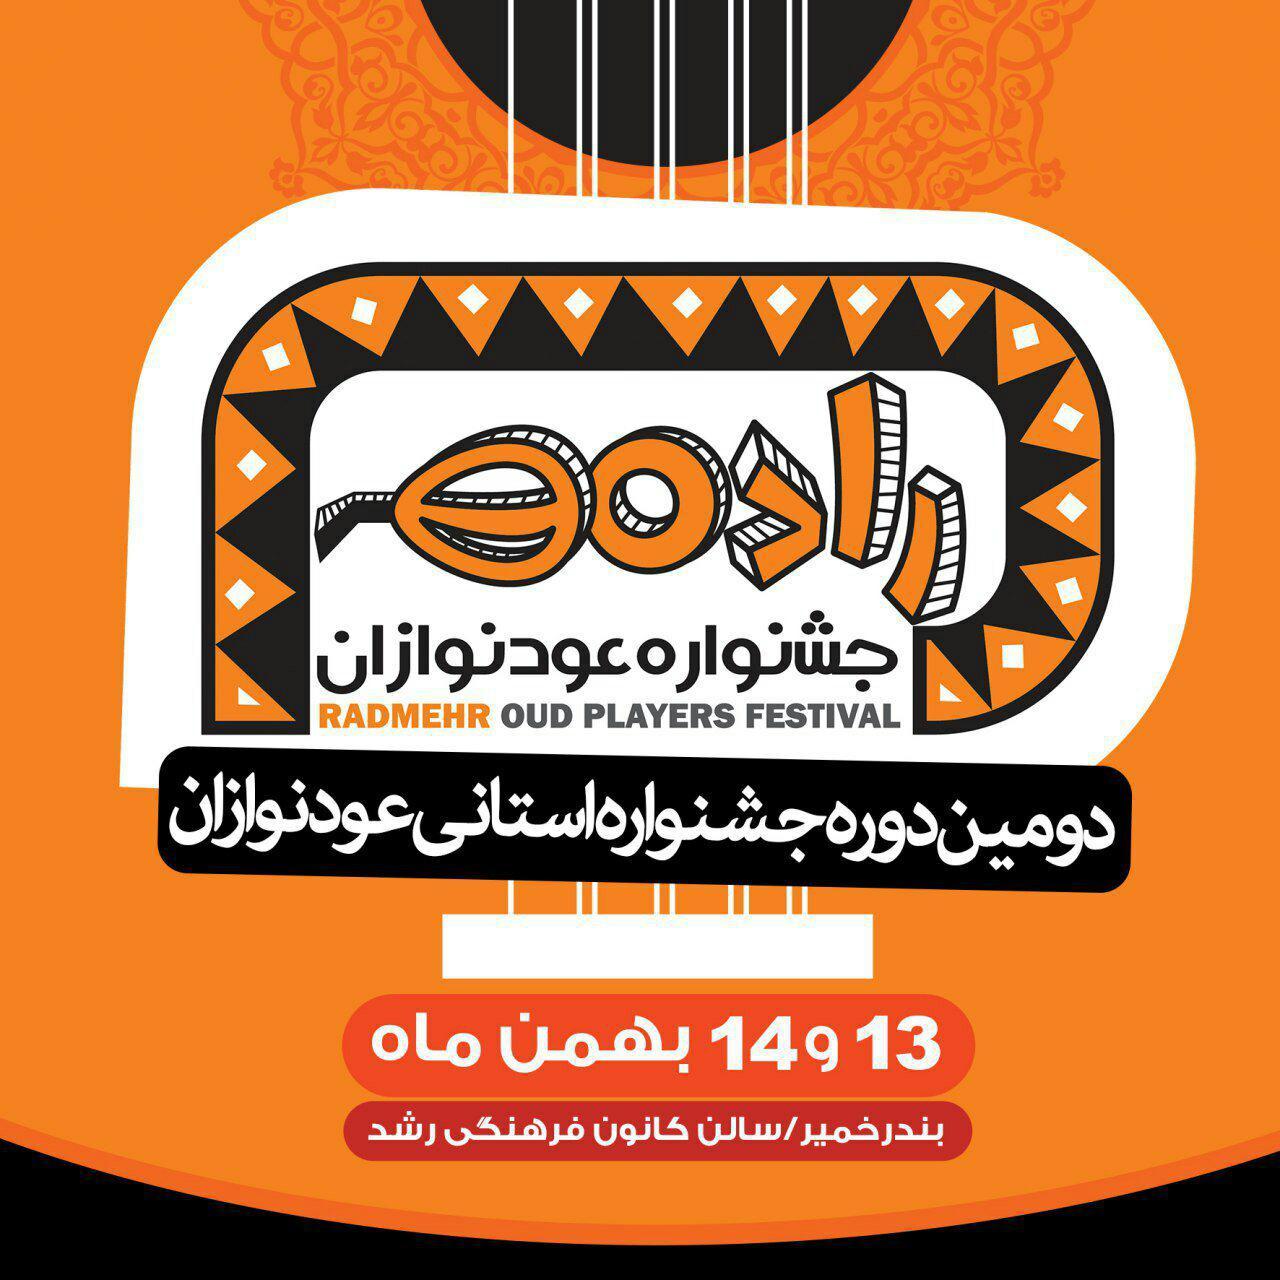 جشنواره عود نوازان رادمهر با حضور هنرمندان استانی در خمیر برگزار می شود